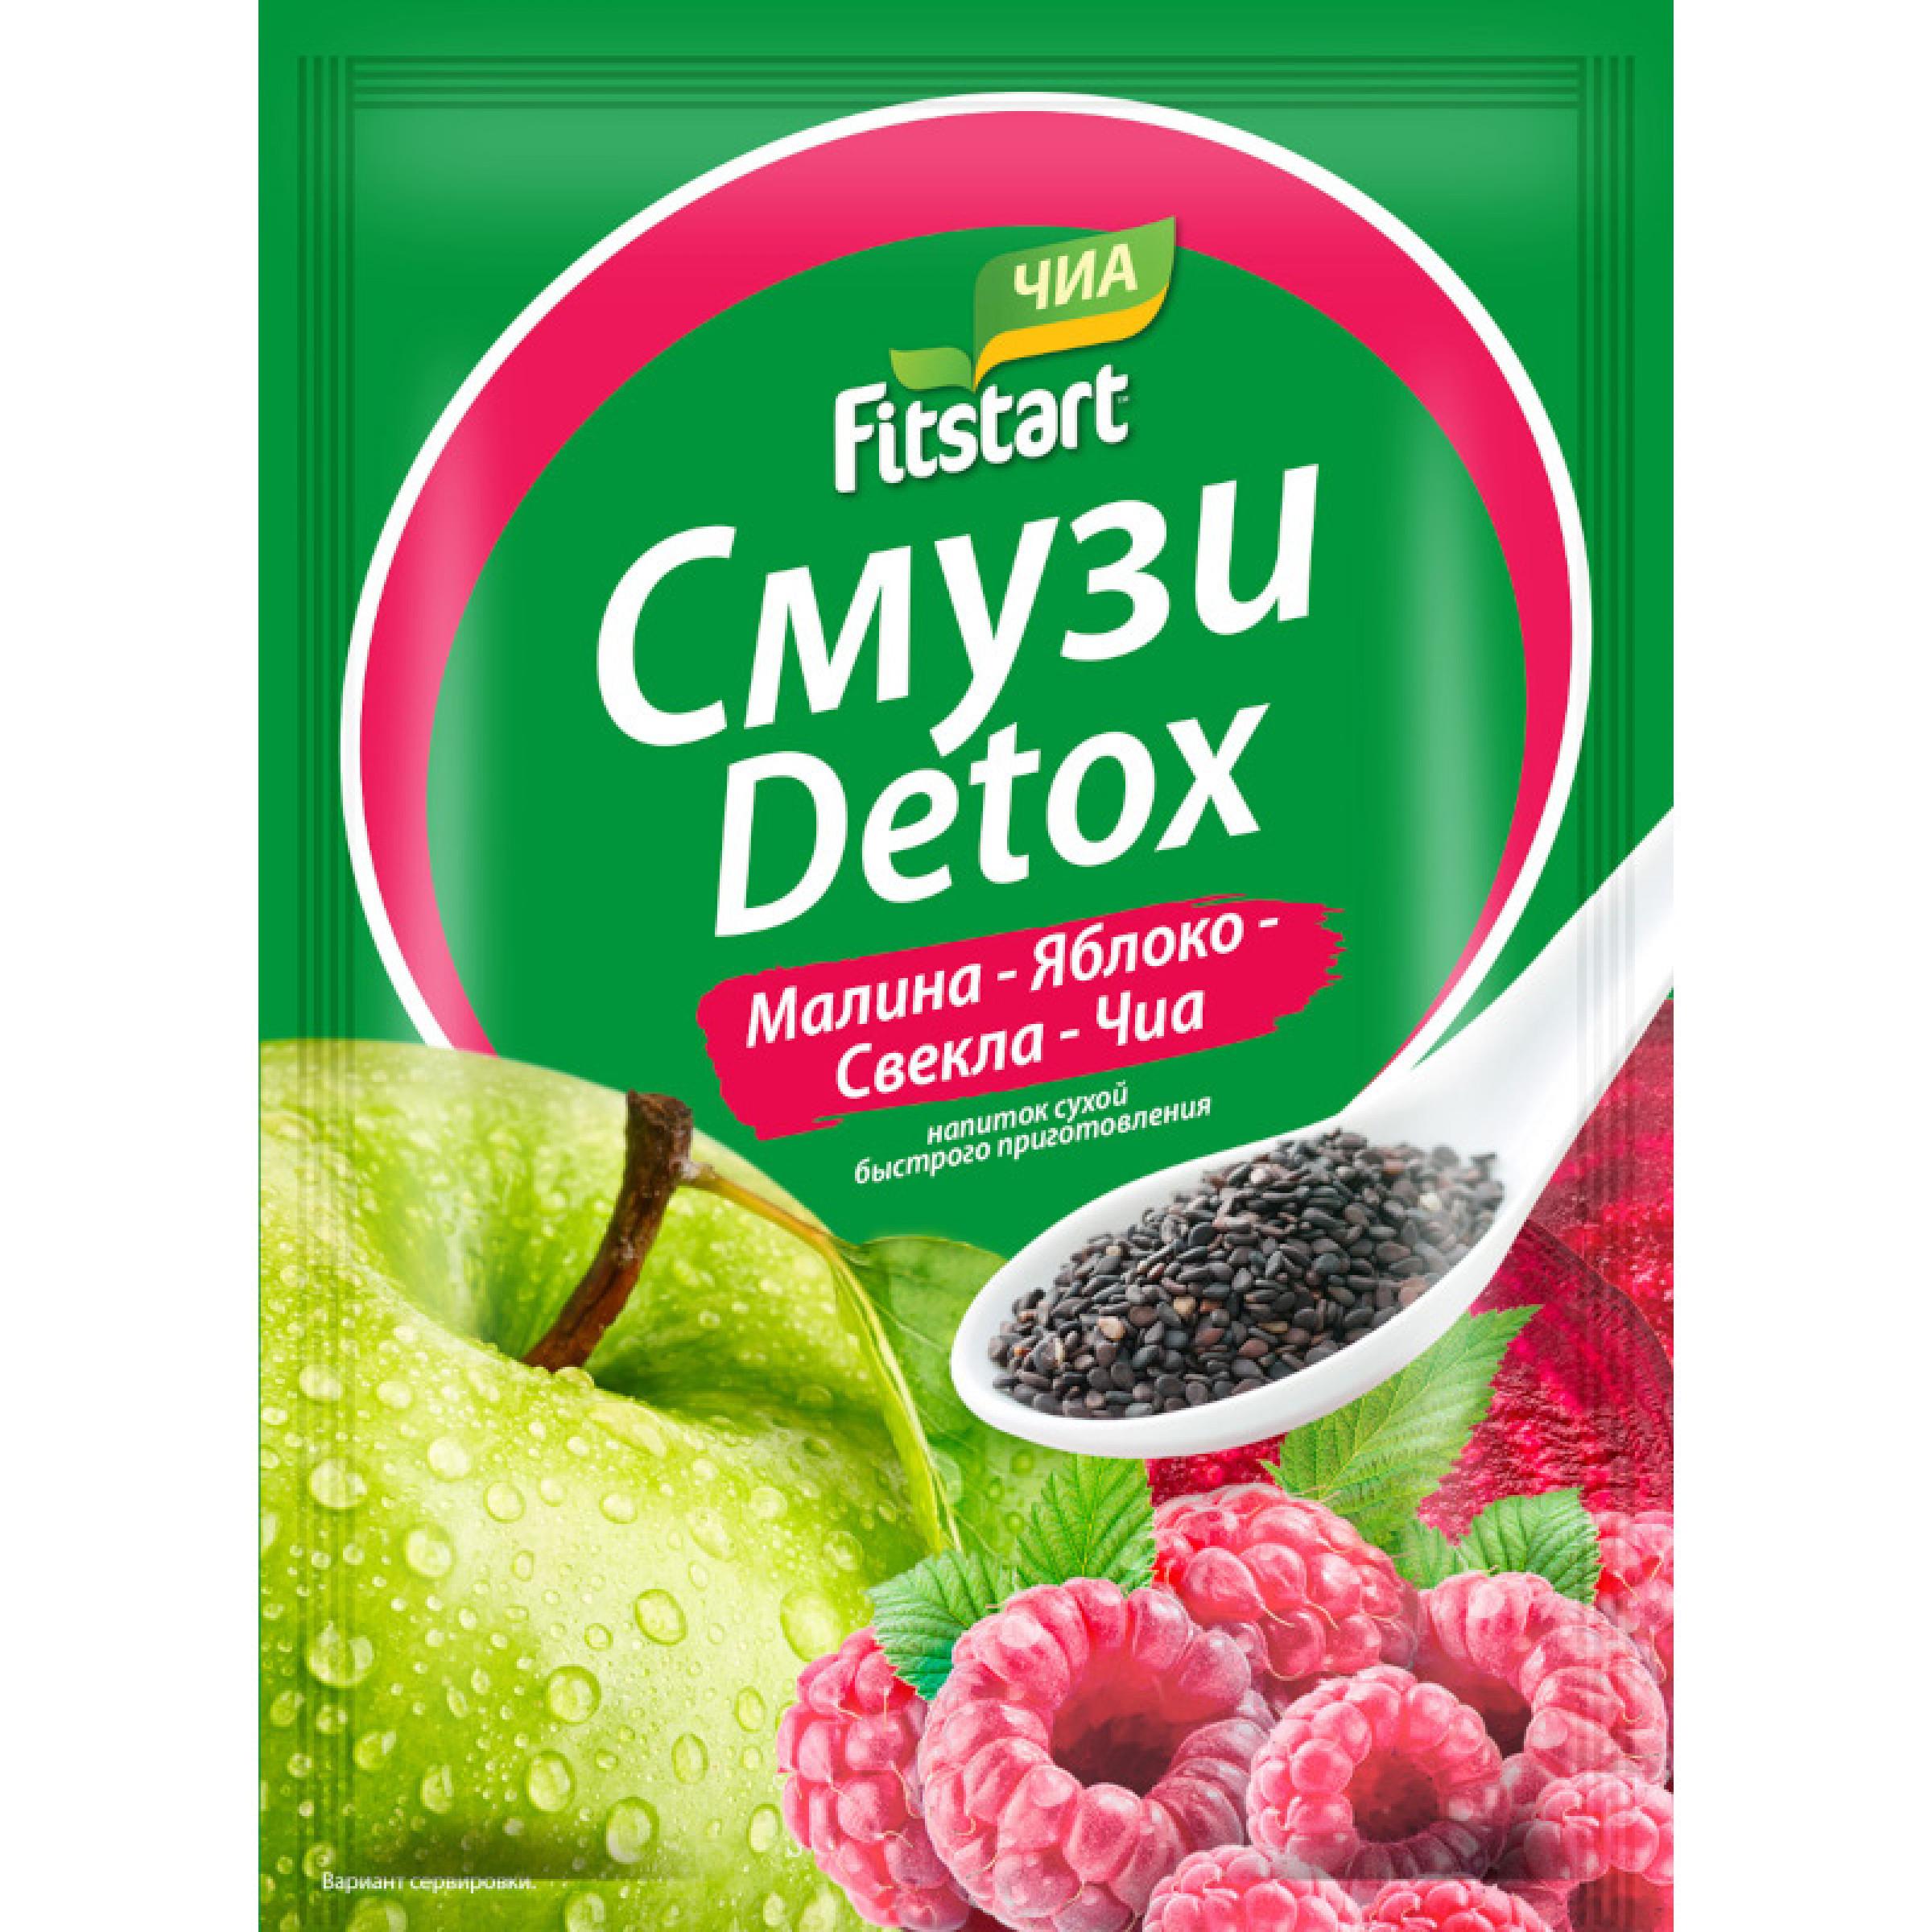 """Смузи """"Fitstart"""" Detox Малина яблоко свекла чиа, напиток сухой быстрого приготовления, 20 г"""